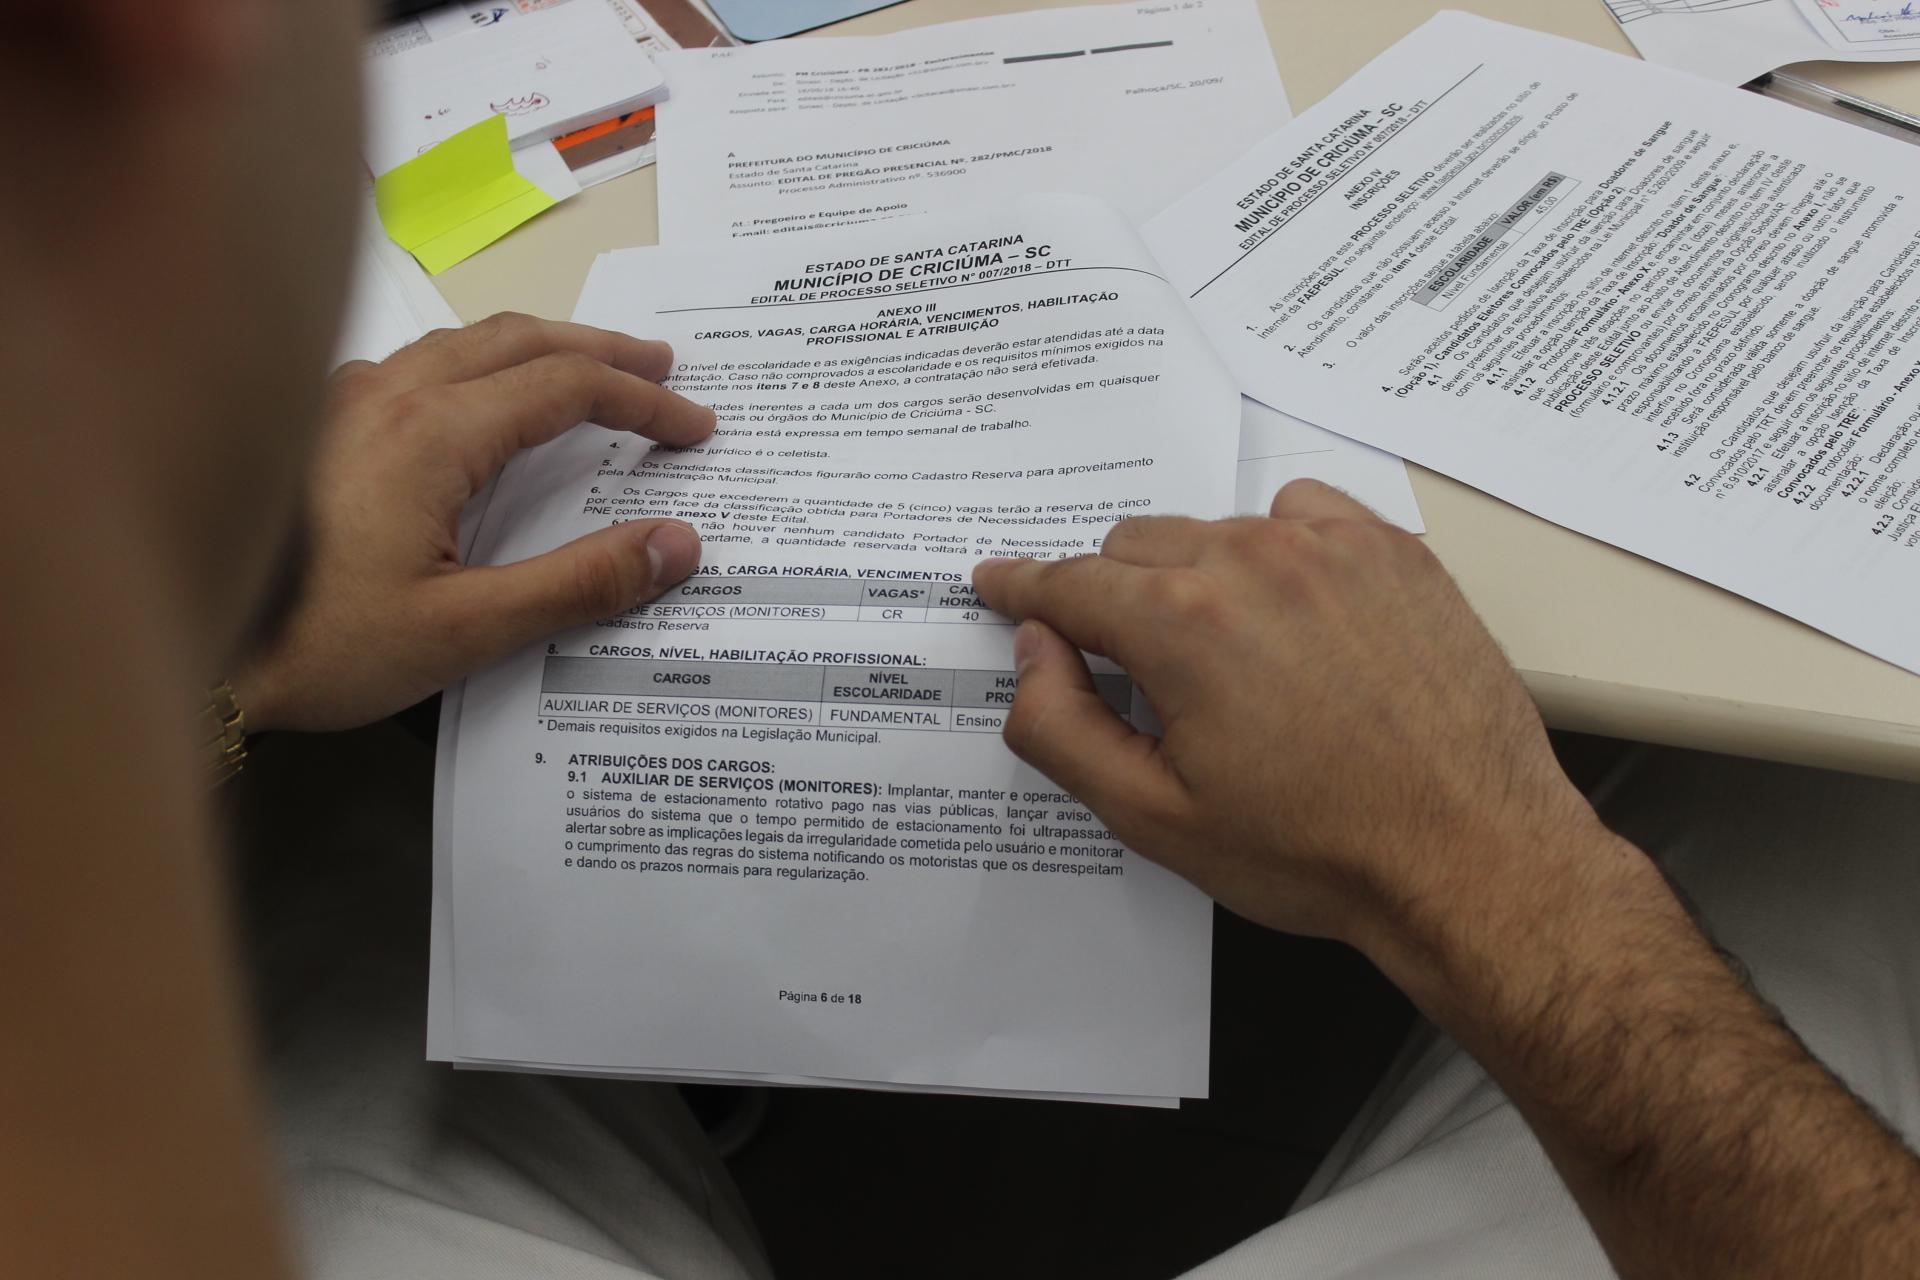 Prefeitura Municipal de Criciúma - DTT abre inscrições para processo seletivo